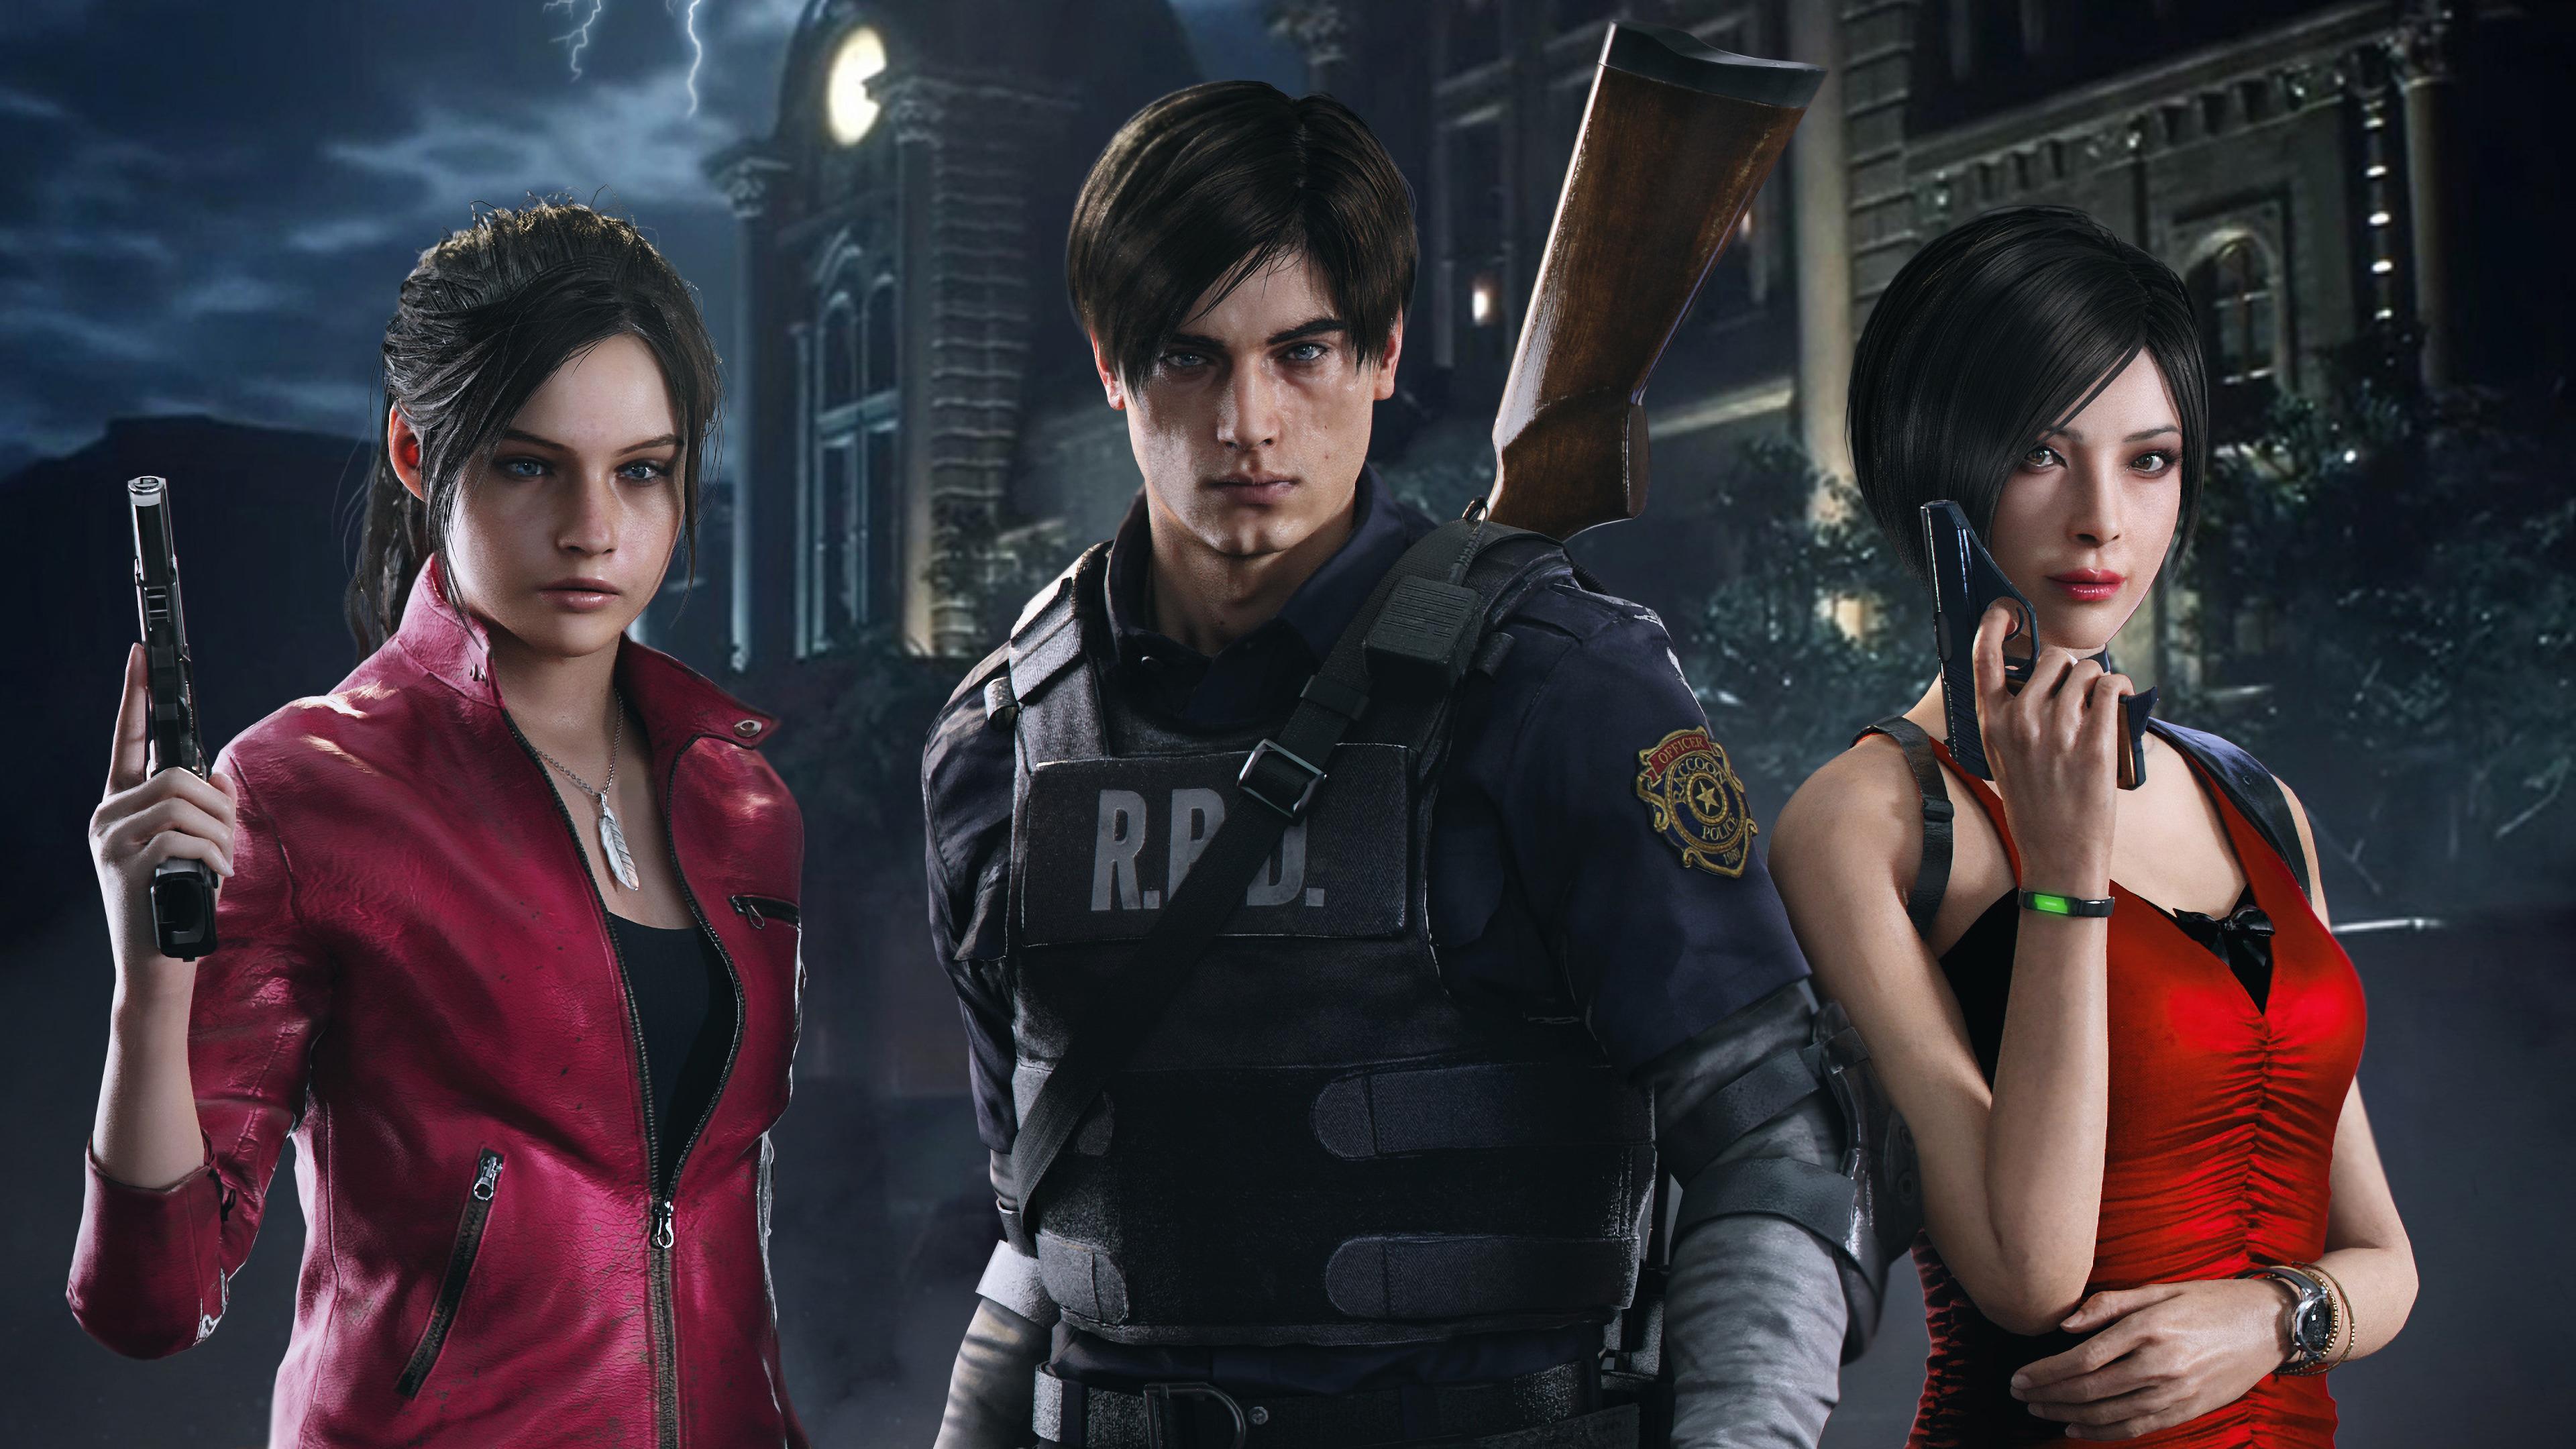 Ada Wong Resident Evil 2 4k Wallpaper 5 504